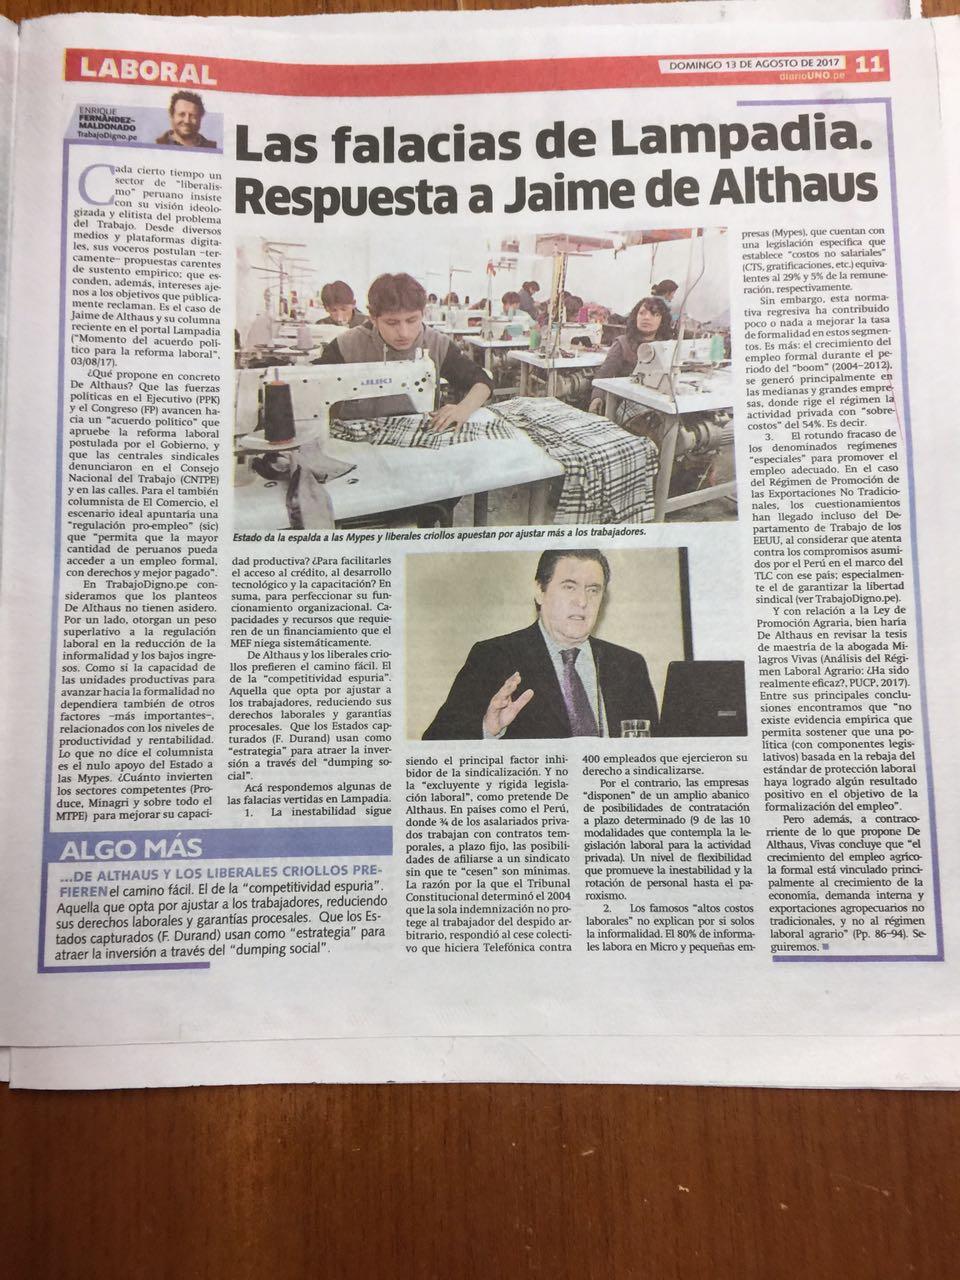 Las falacias de Lampadia. Respuesta a Jaime de Althaus